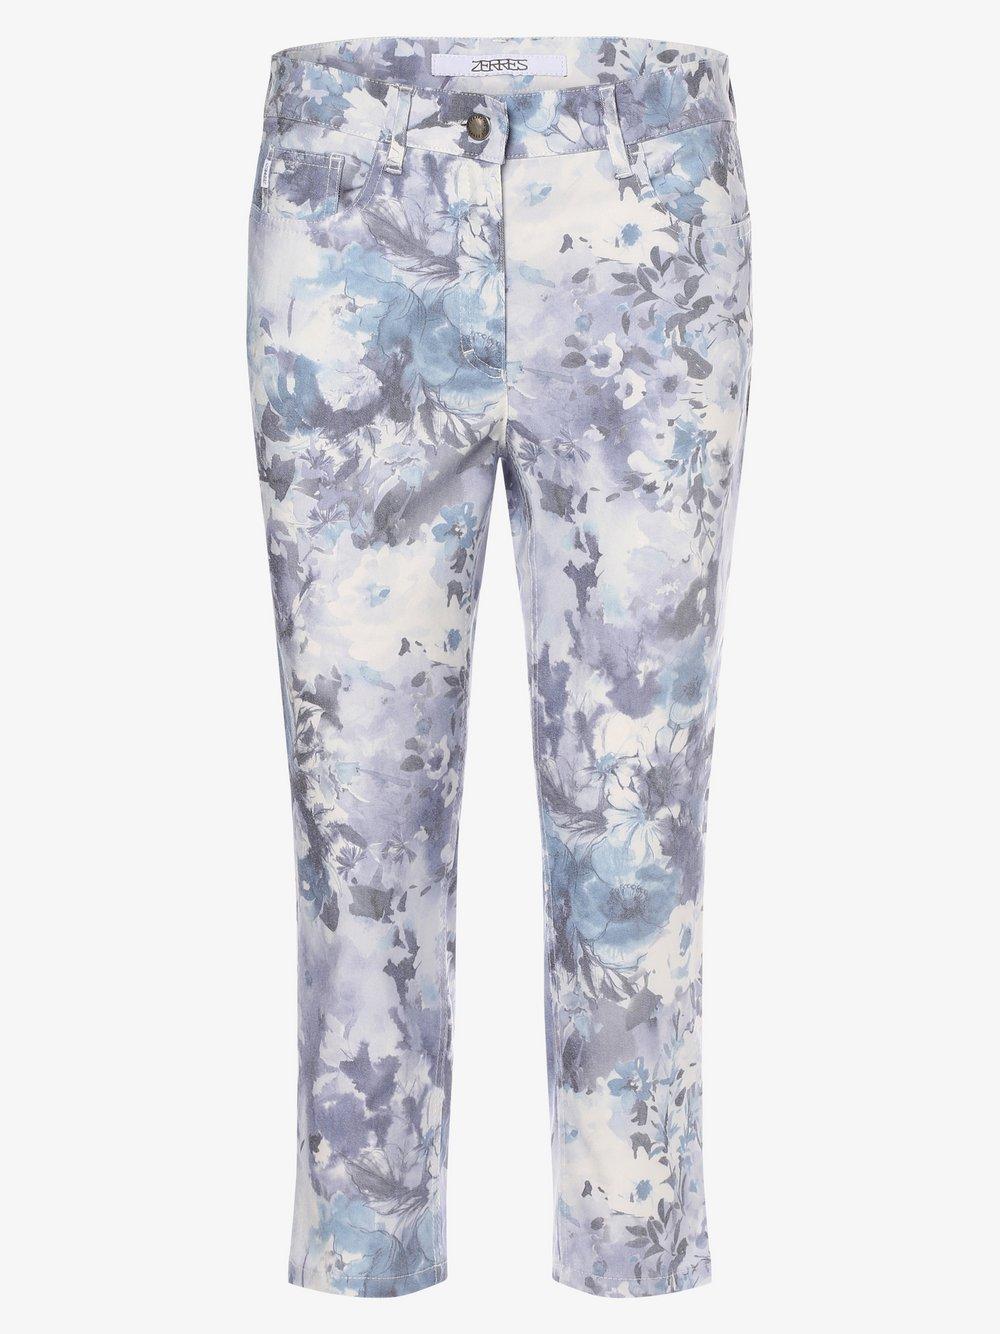 Zerres – Spodnie damskie, niebieski Van Graaf 475077-0001